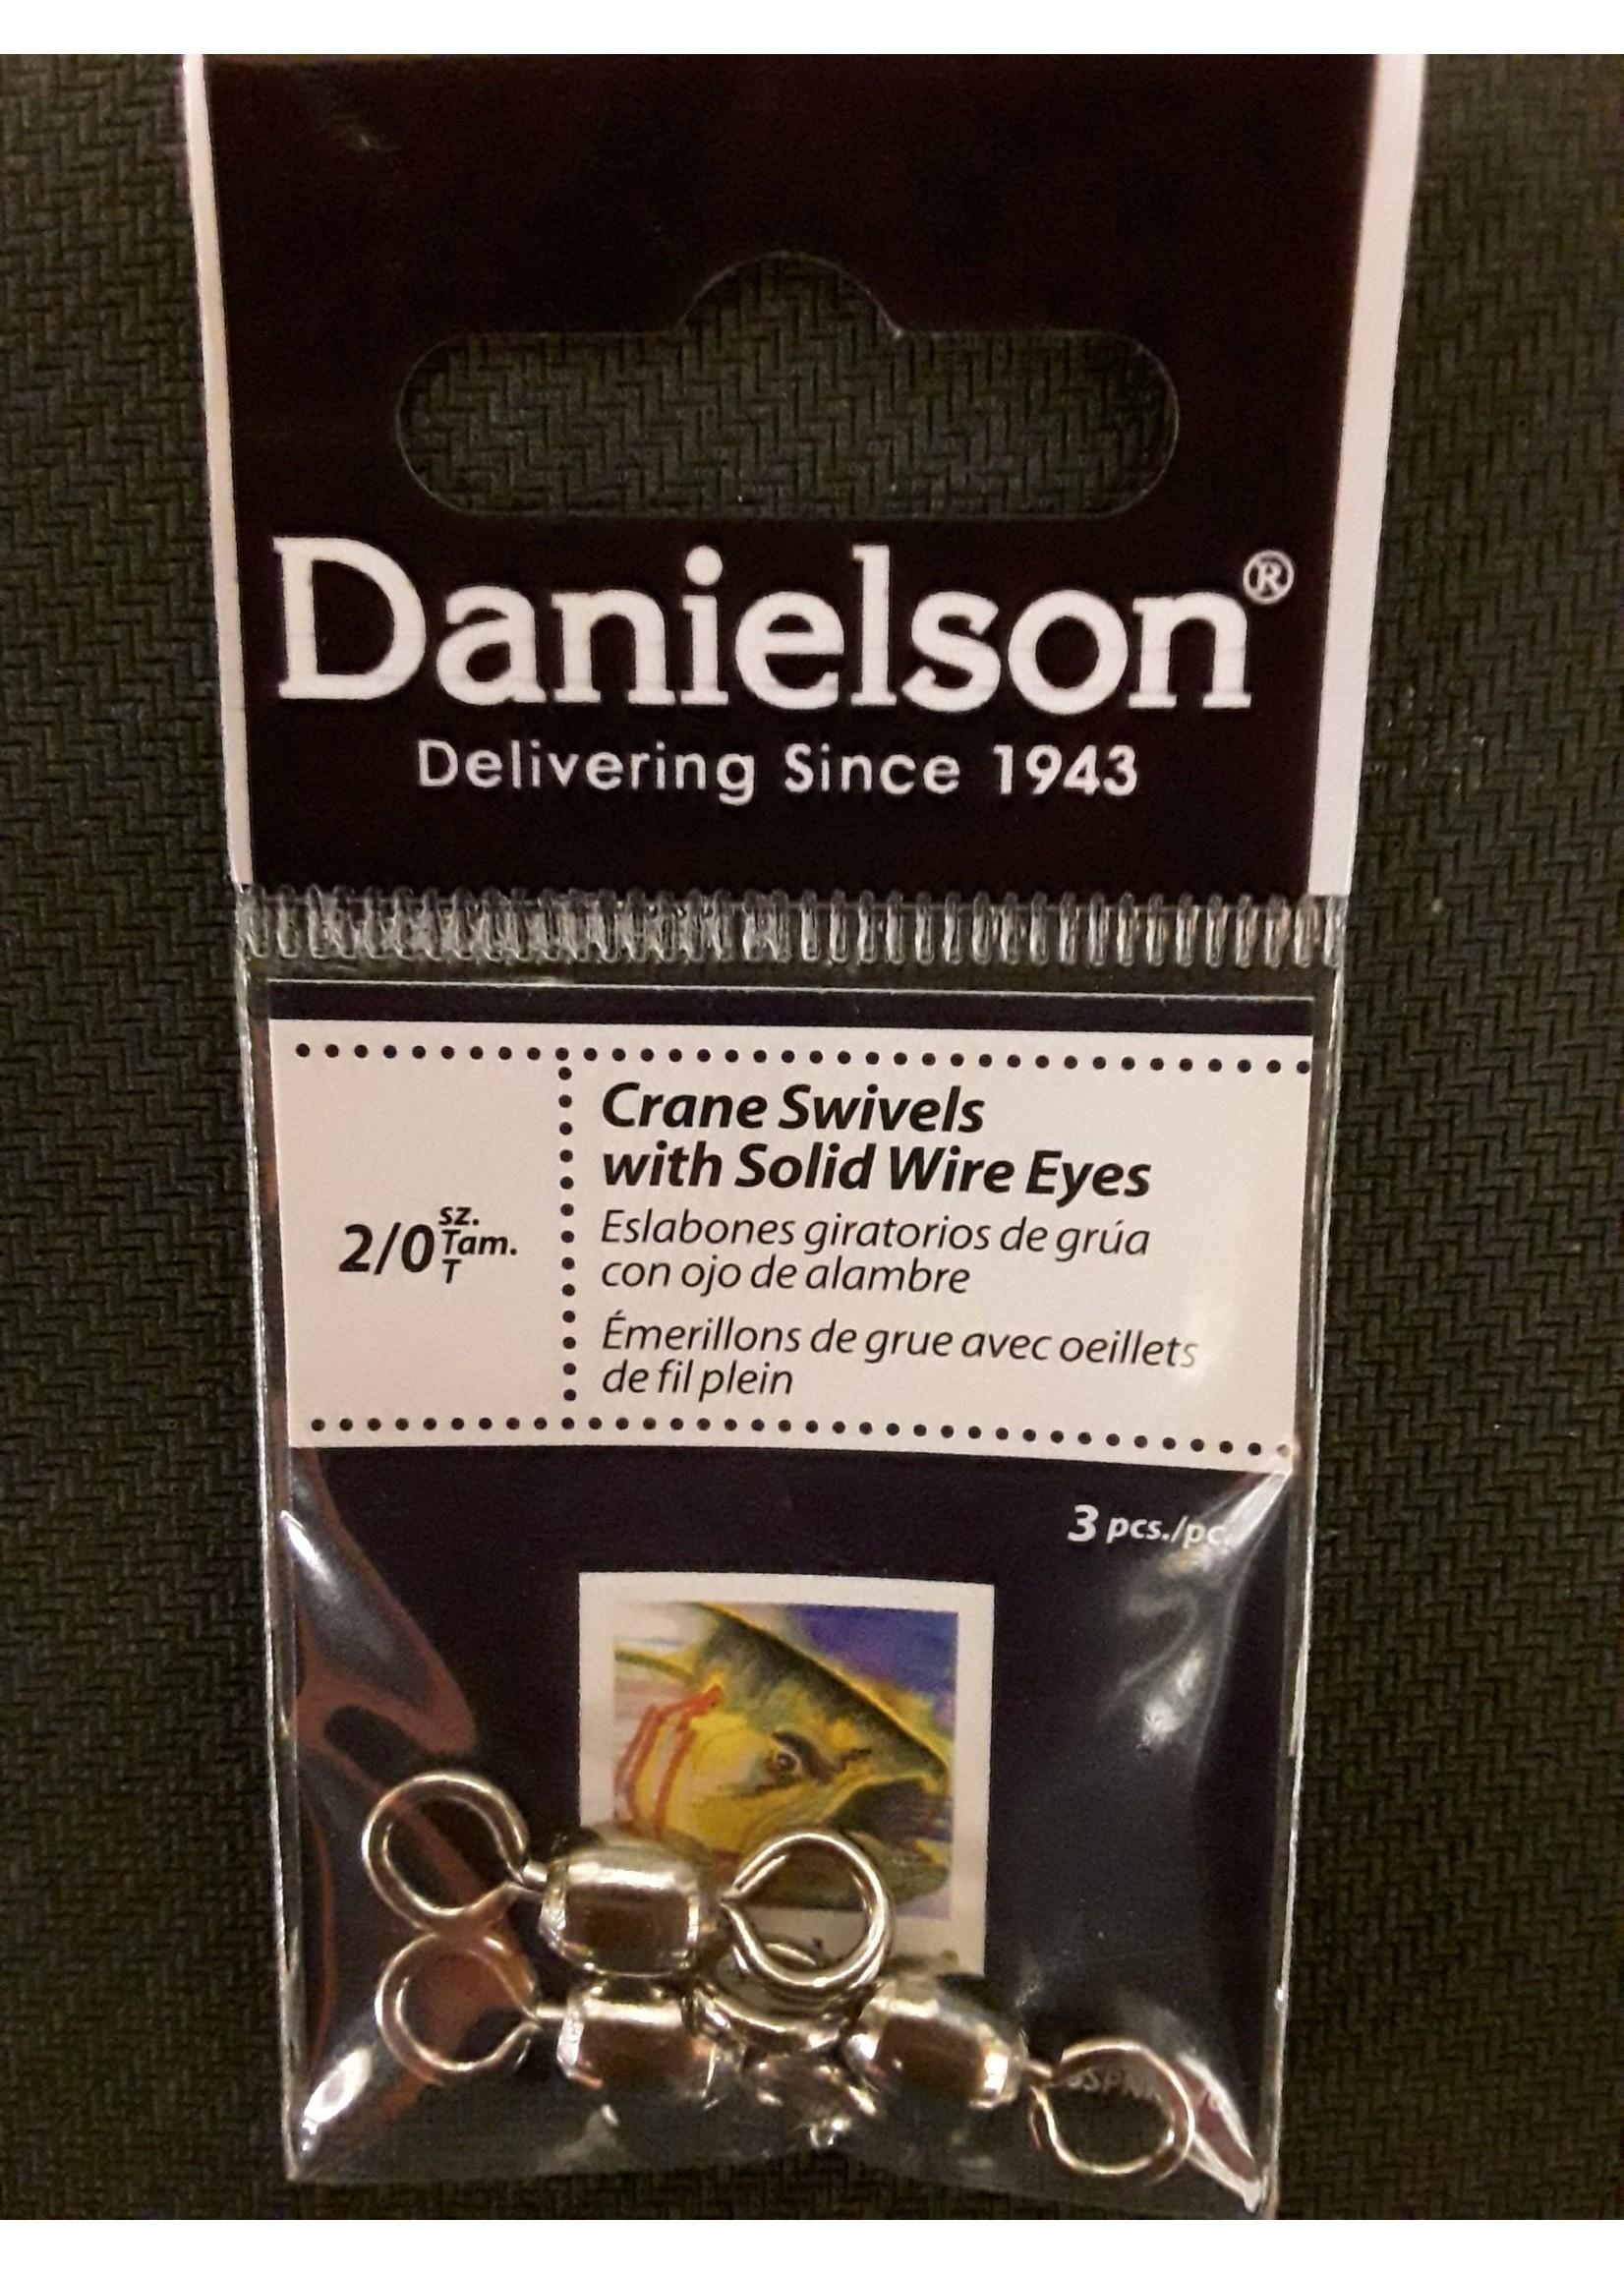 Danielson Danielson SWIVEL CRANE SP 2/0 2200SPNK 3pk